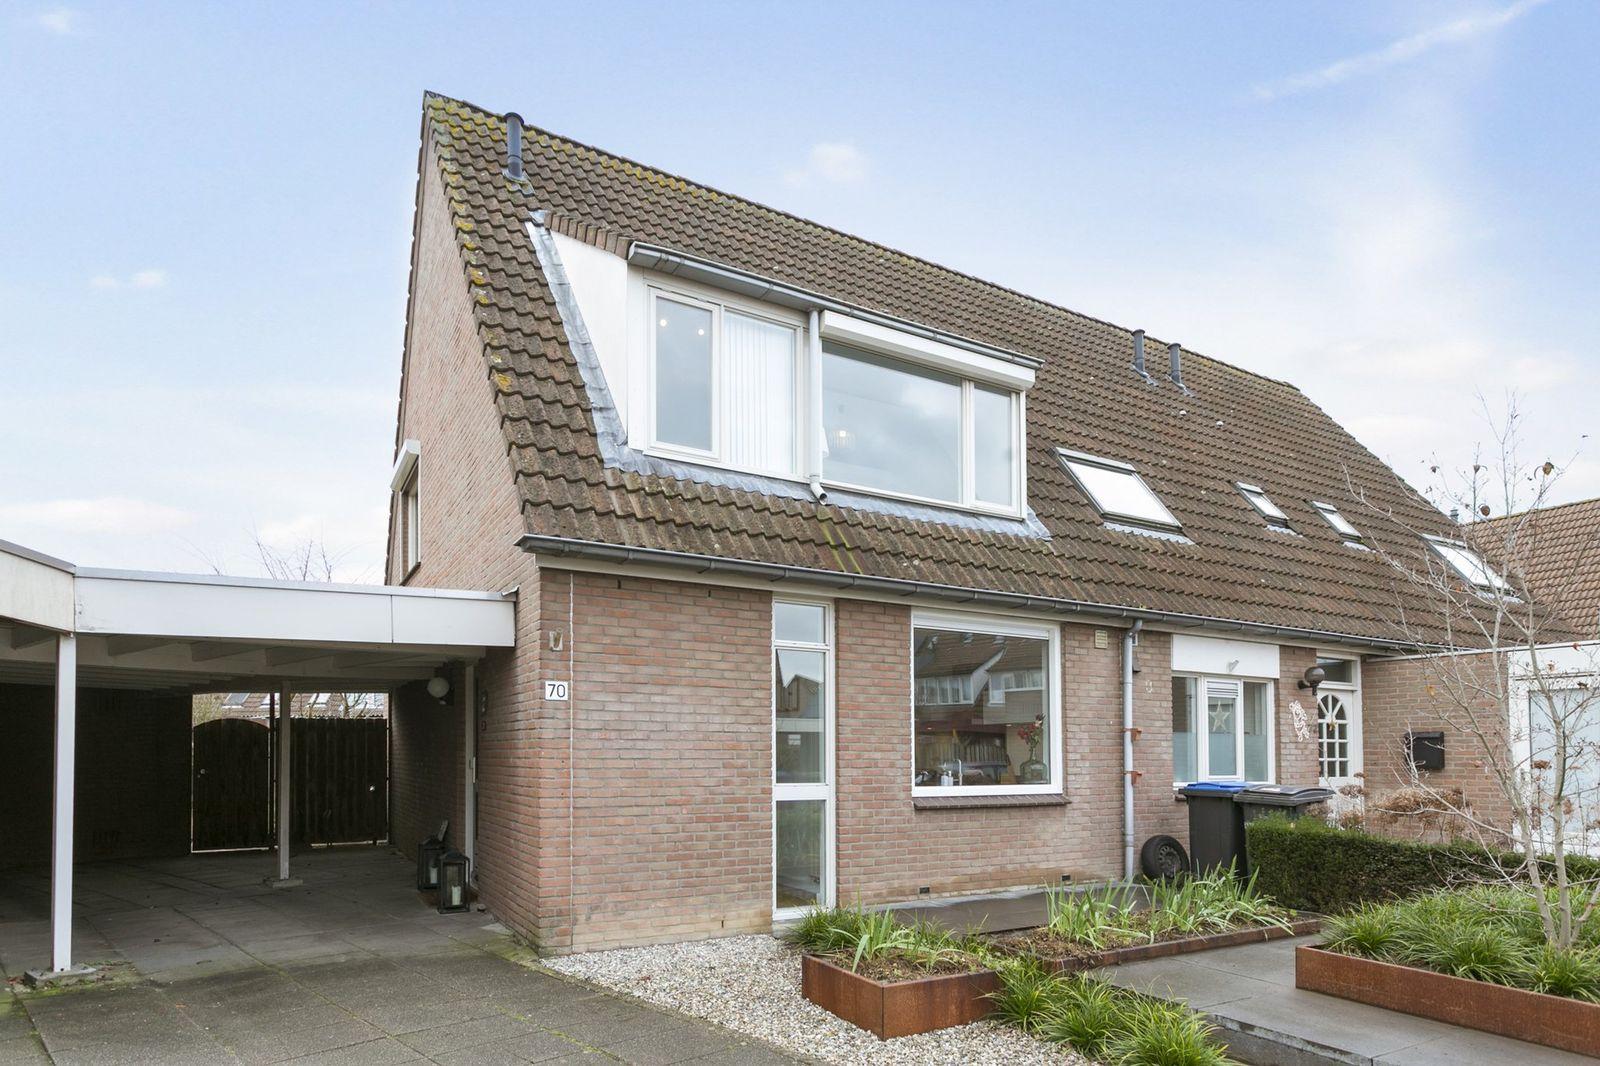 Combinatiepolder 70, 's-hertogenbosch